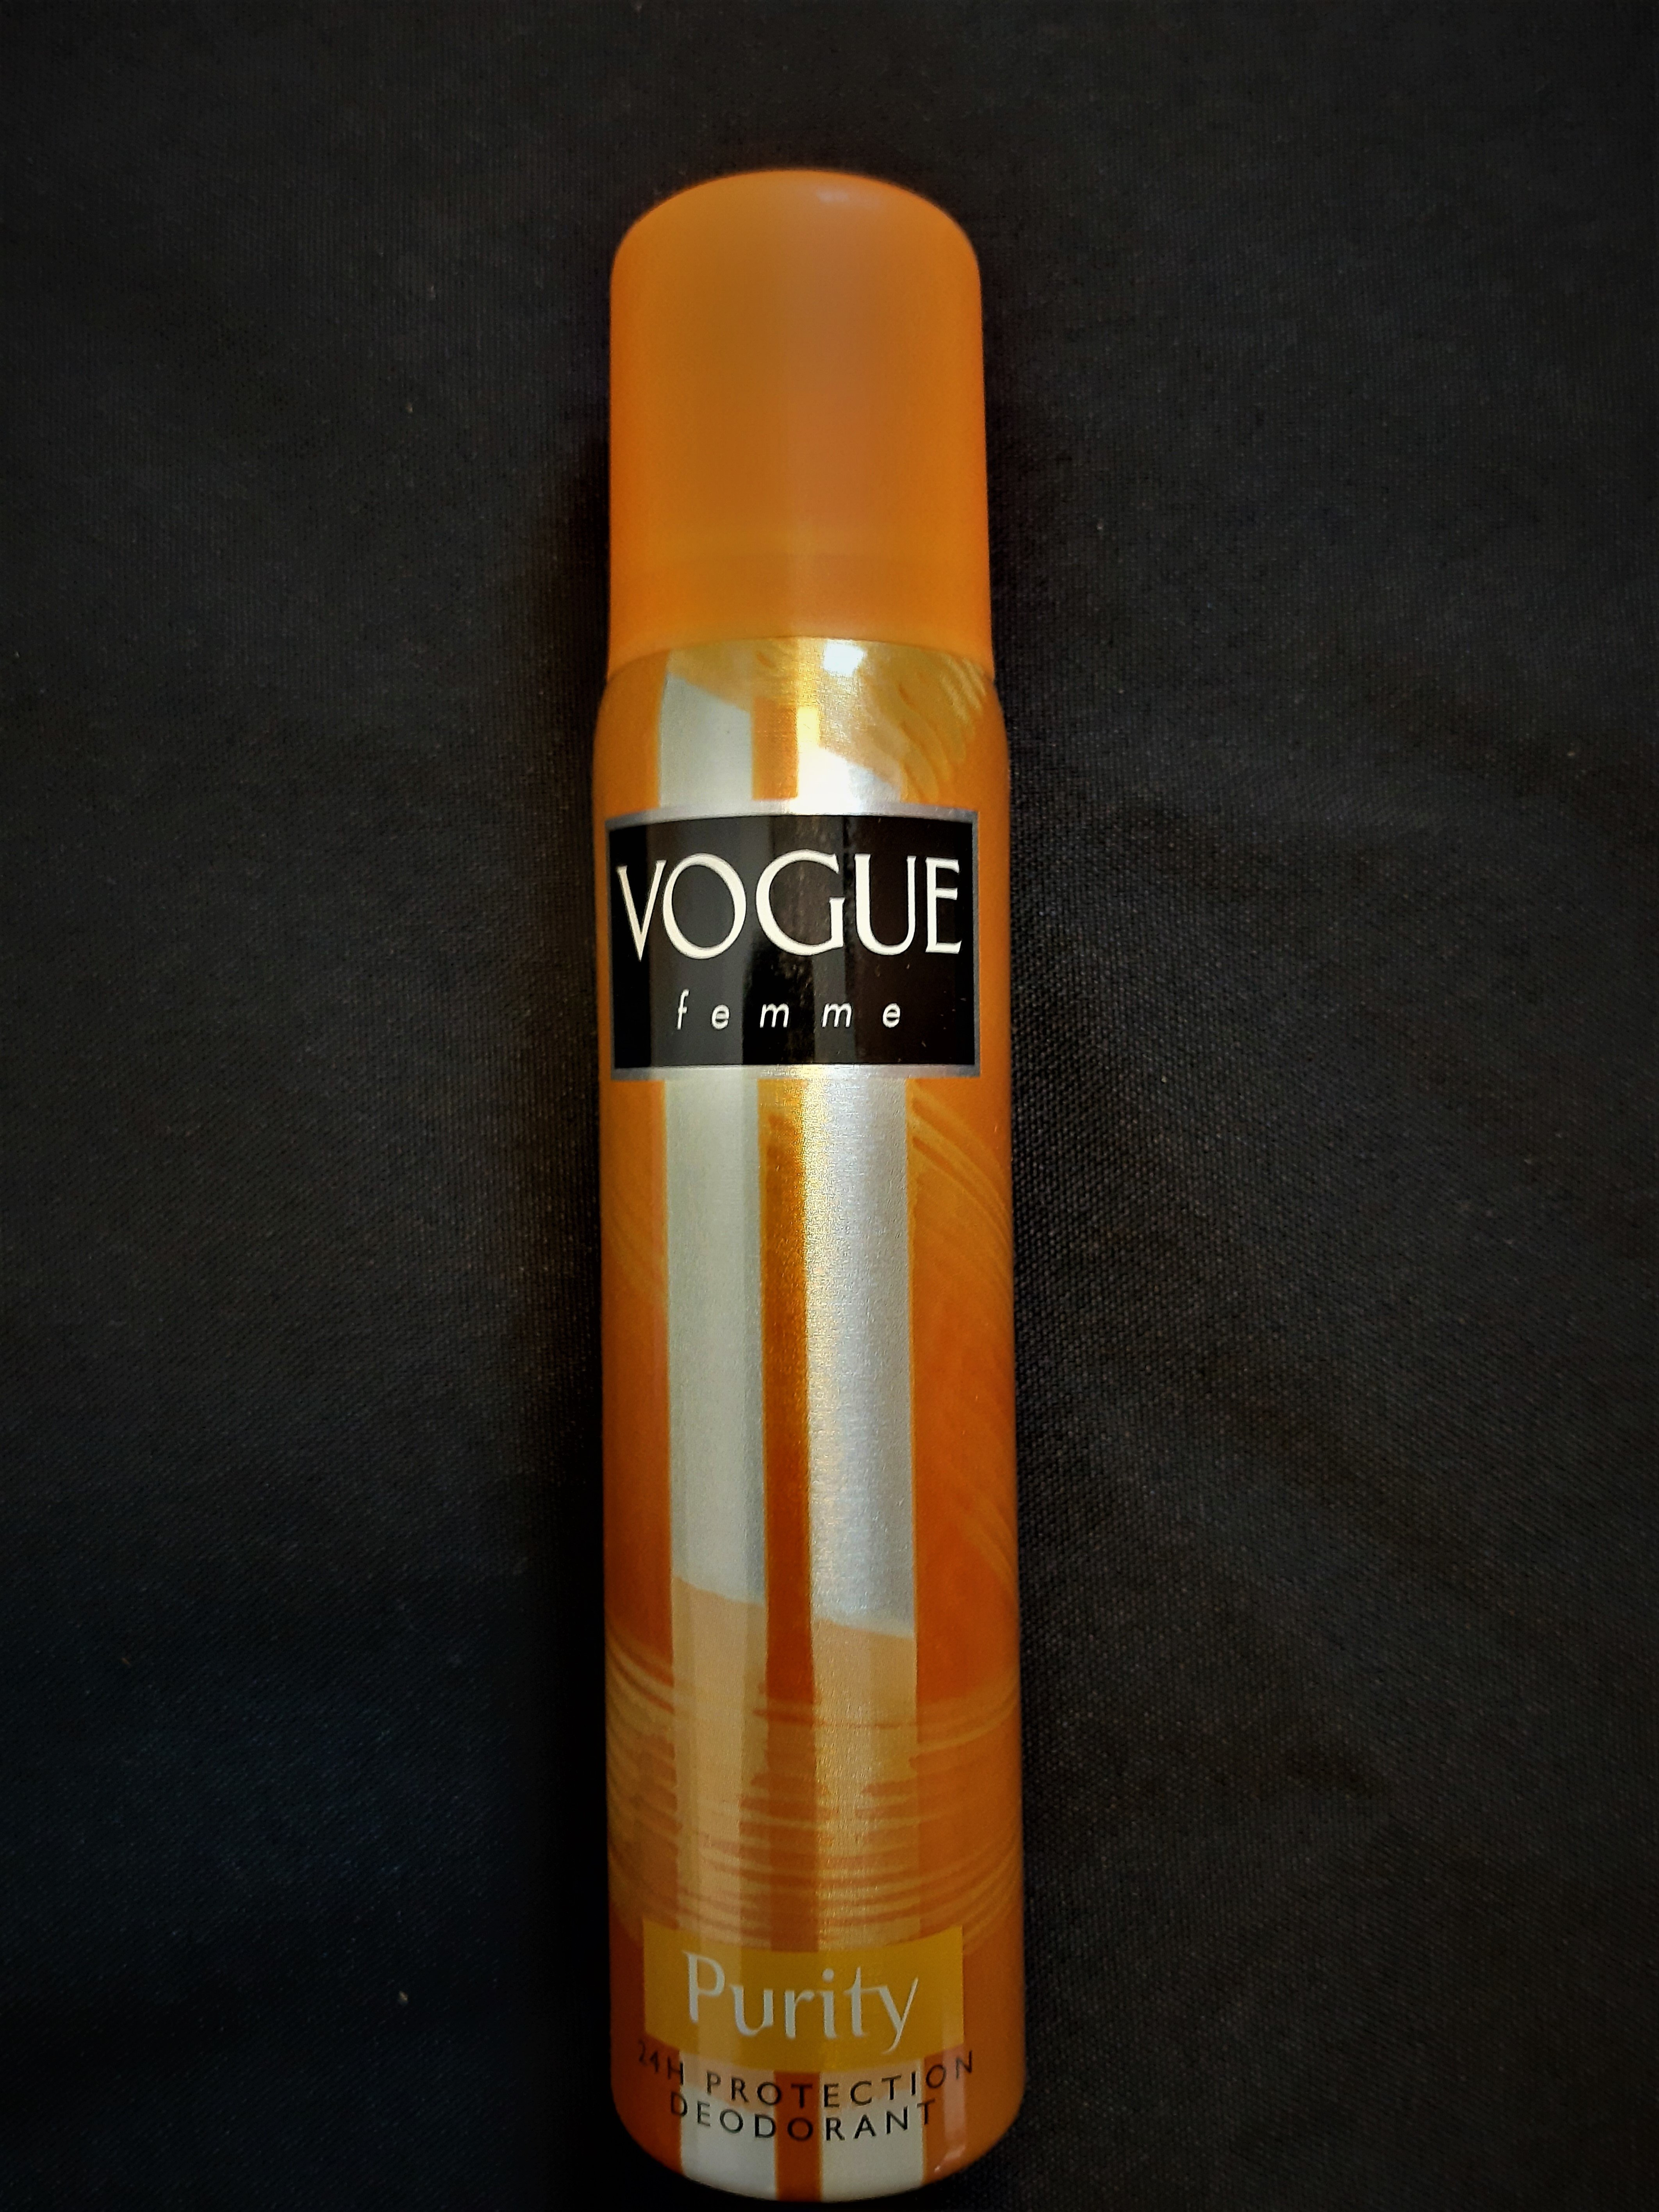 Vogue Women Purity Deospray 100 ml